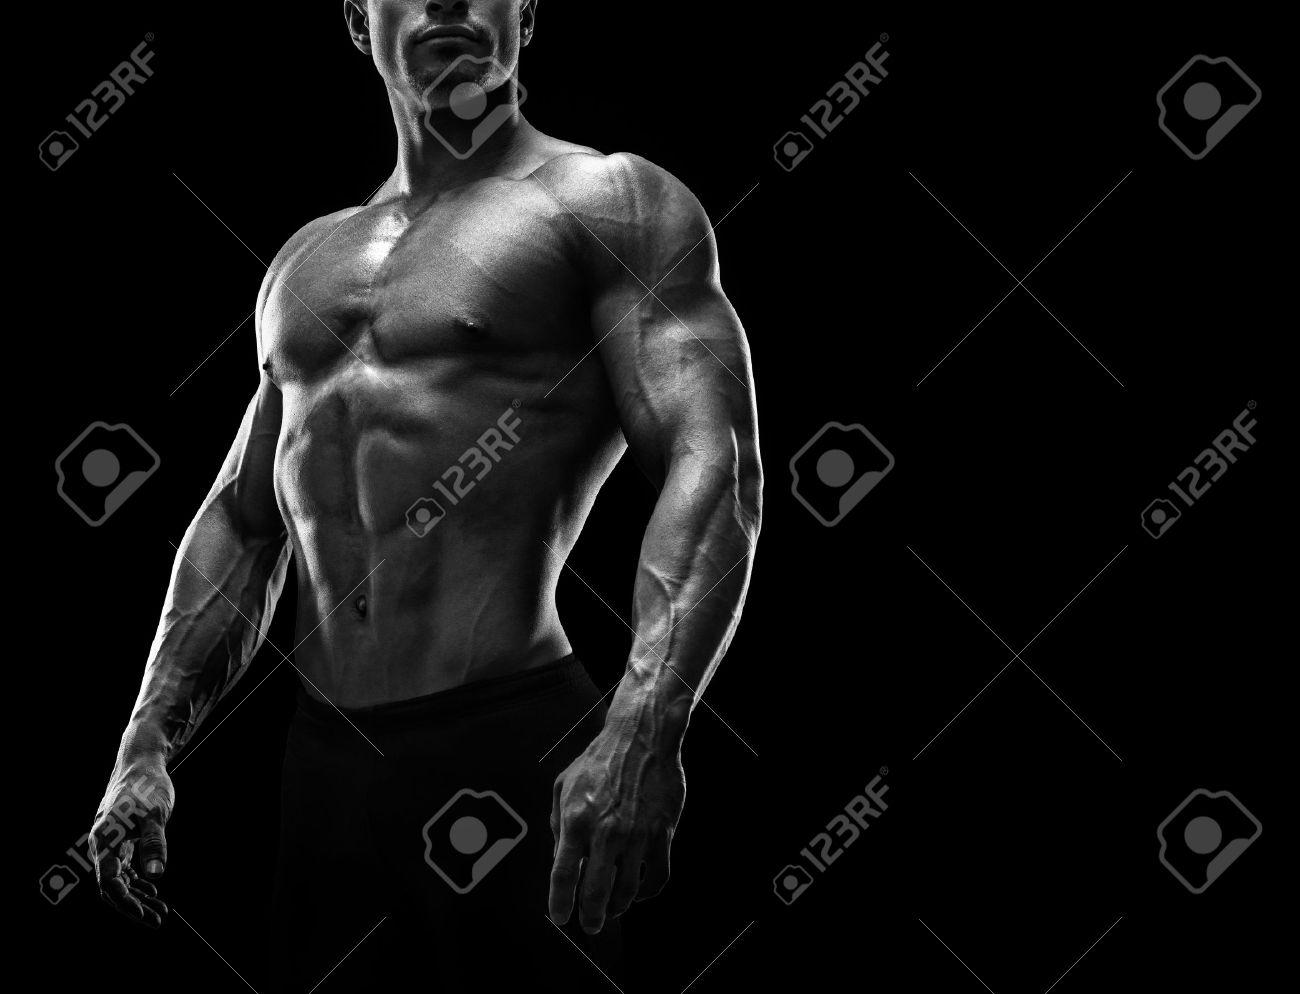 Macho Stock Photos  for Bodybuilding Art Photography  83fiz